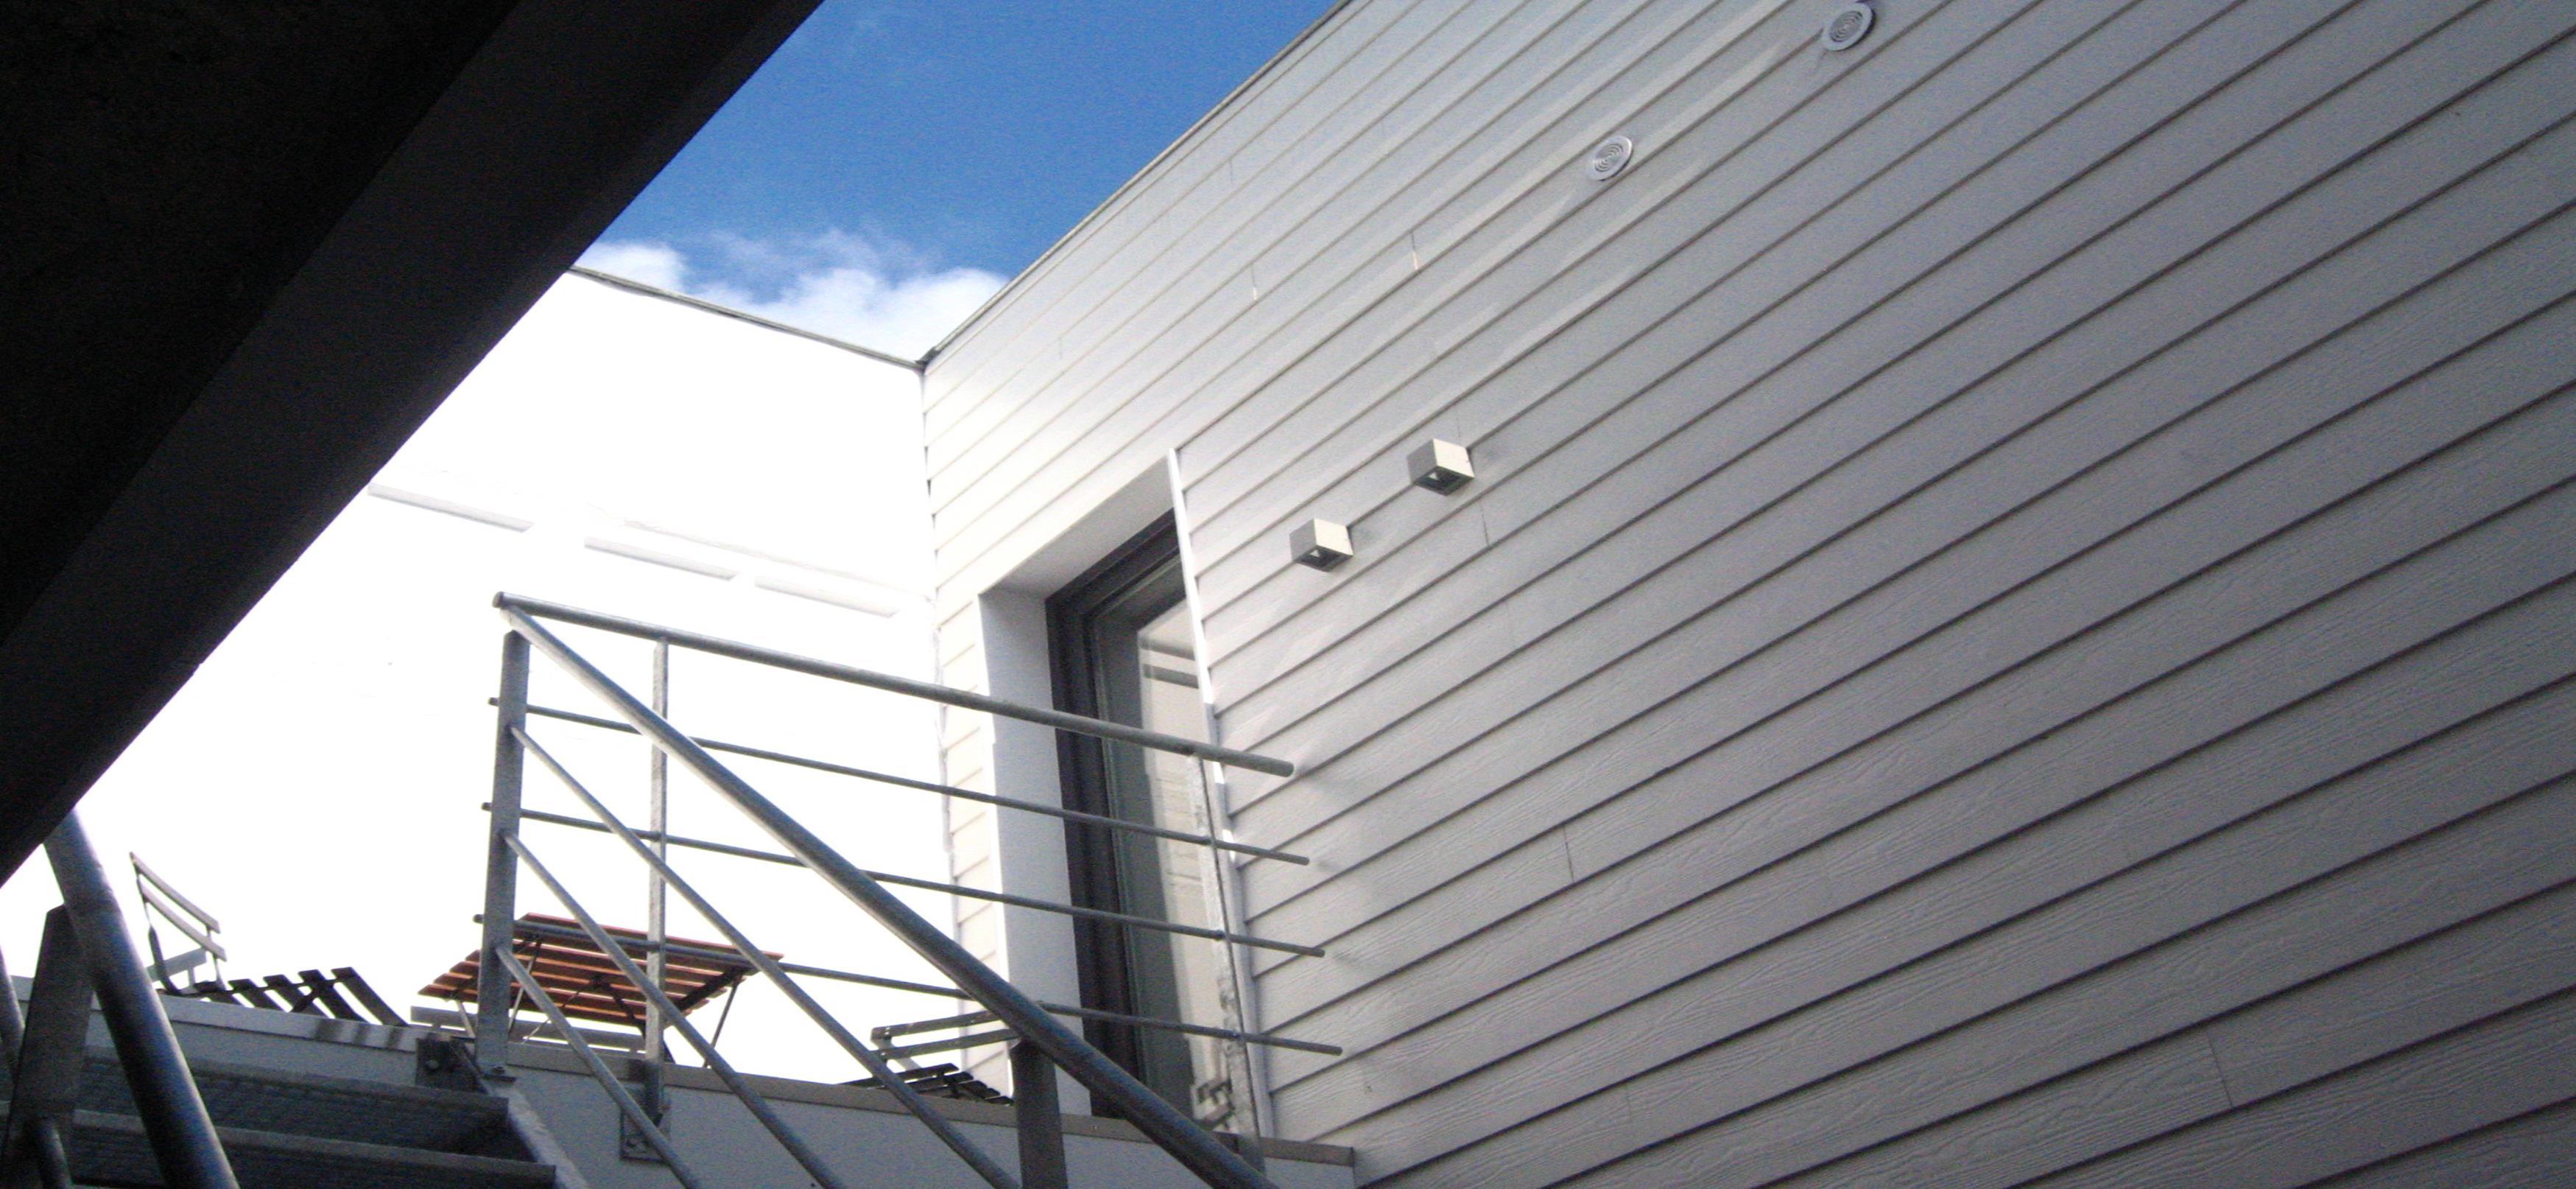 de toegang tot de studio's op de 1ste verdieping van de achterbouw